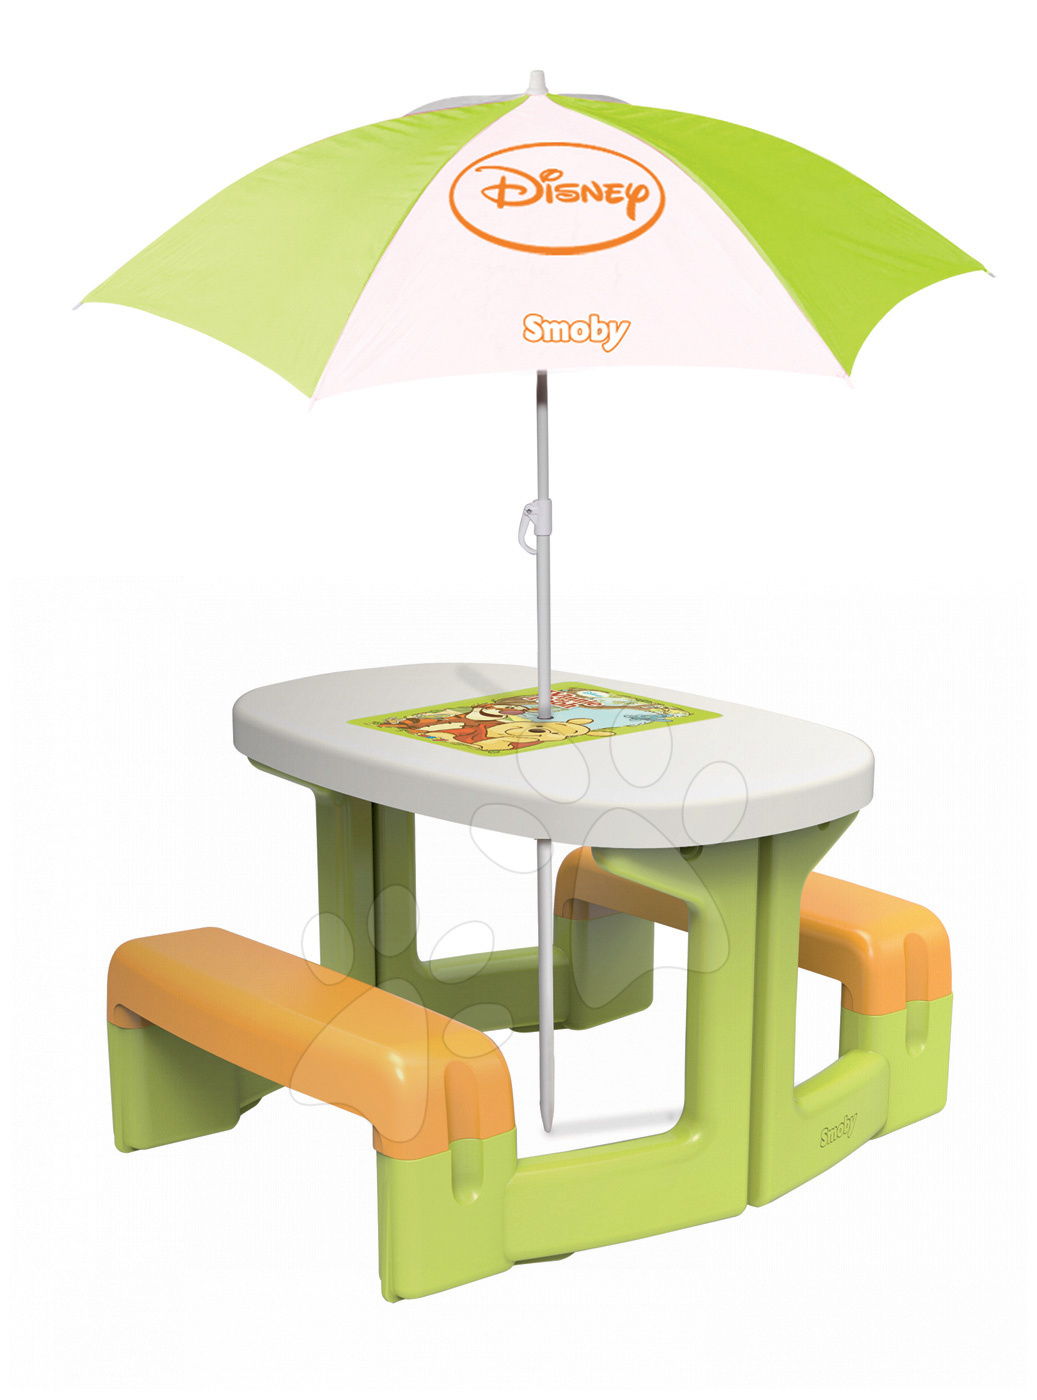 Piknikový stůl Medvídek Pú Smoby se slunečníkem zelený od 24 měsíců